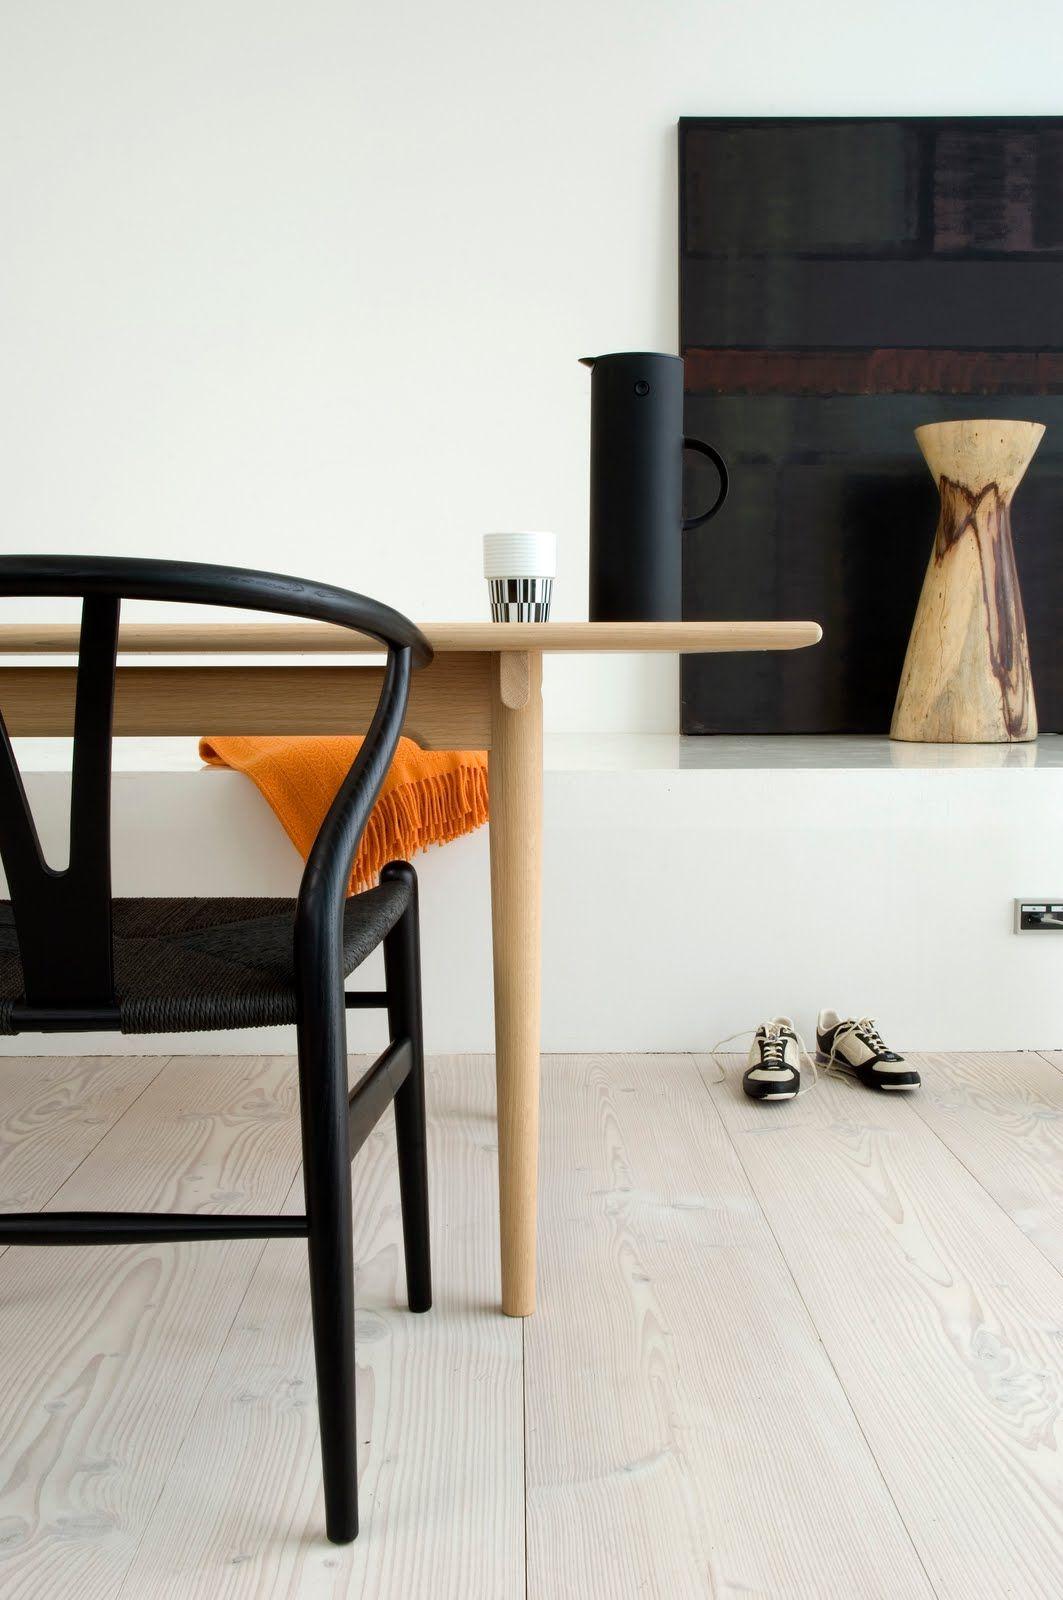 Black Seat Wishbone: http://www.danishdesignstore.com/products/wegner-wishbone-chair-black-seat